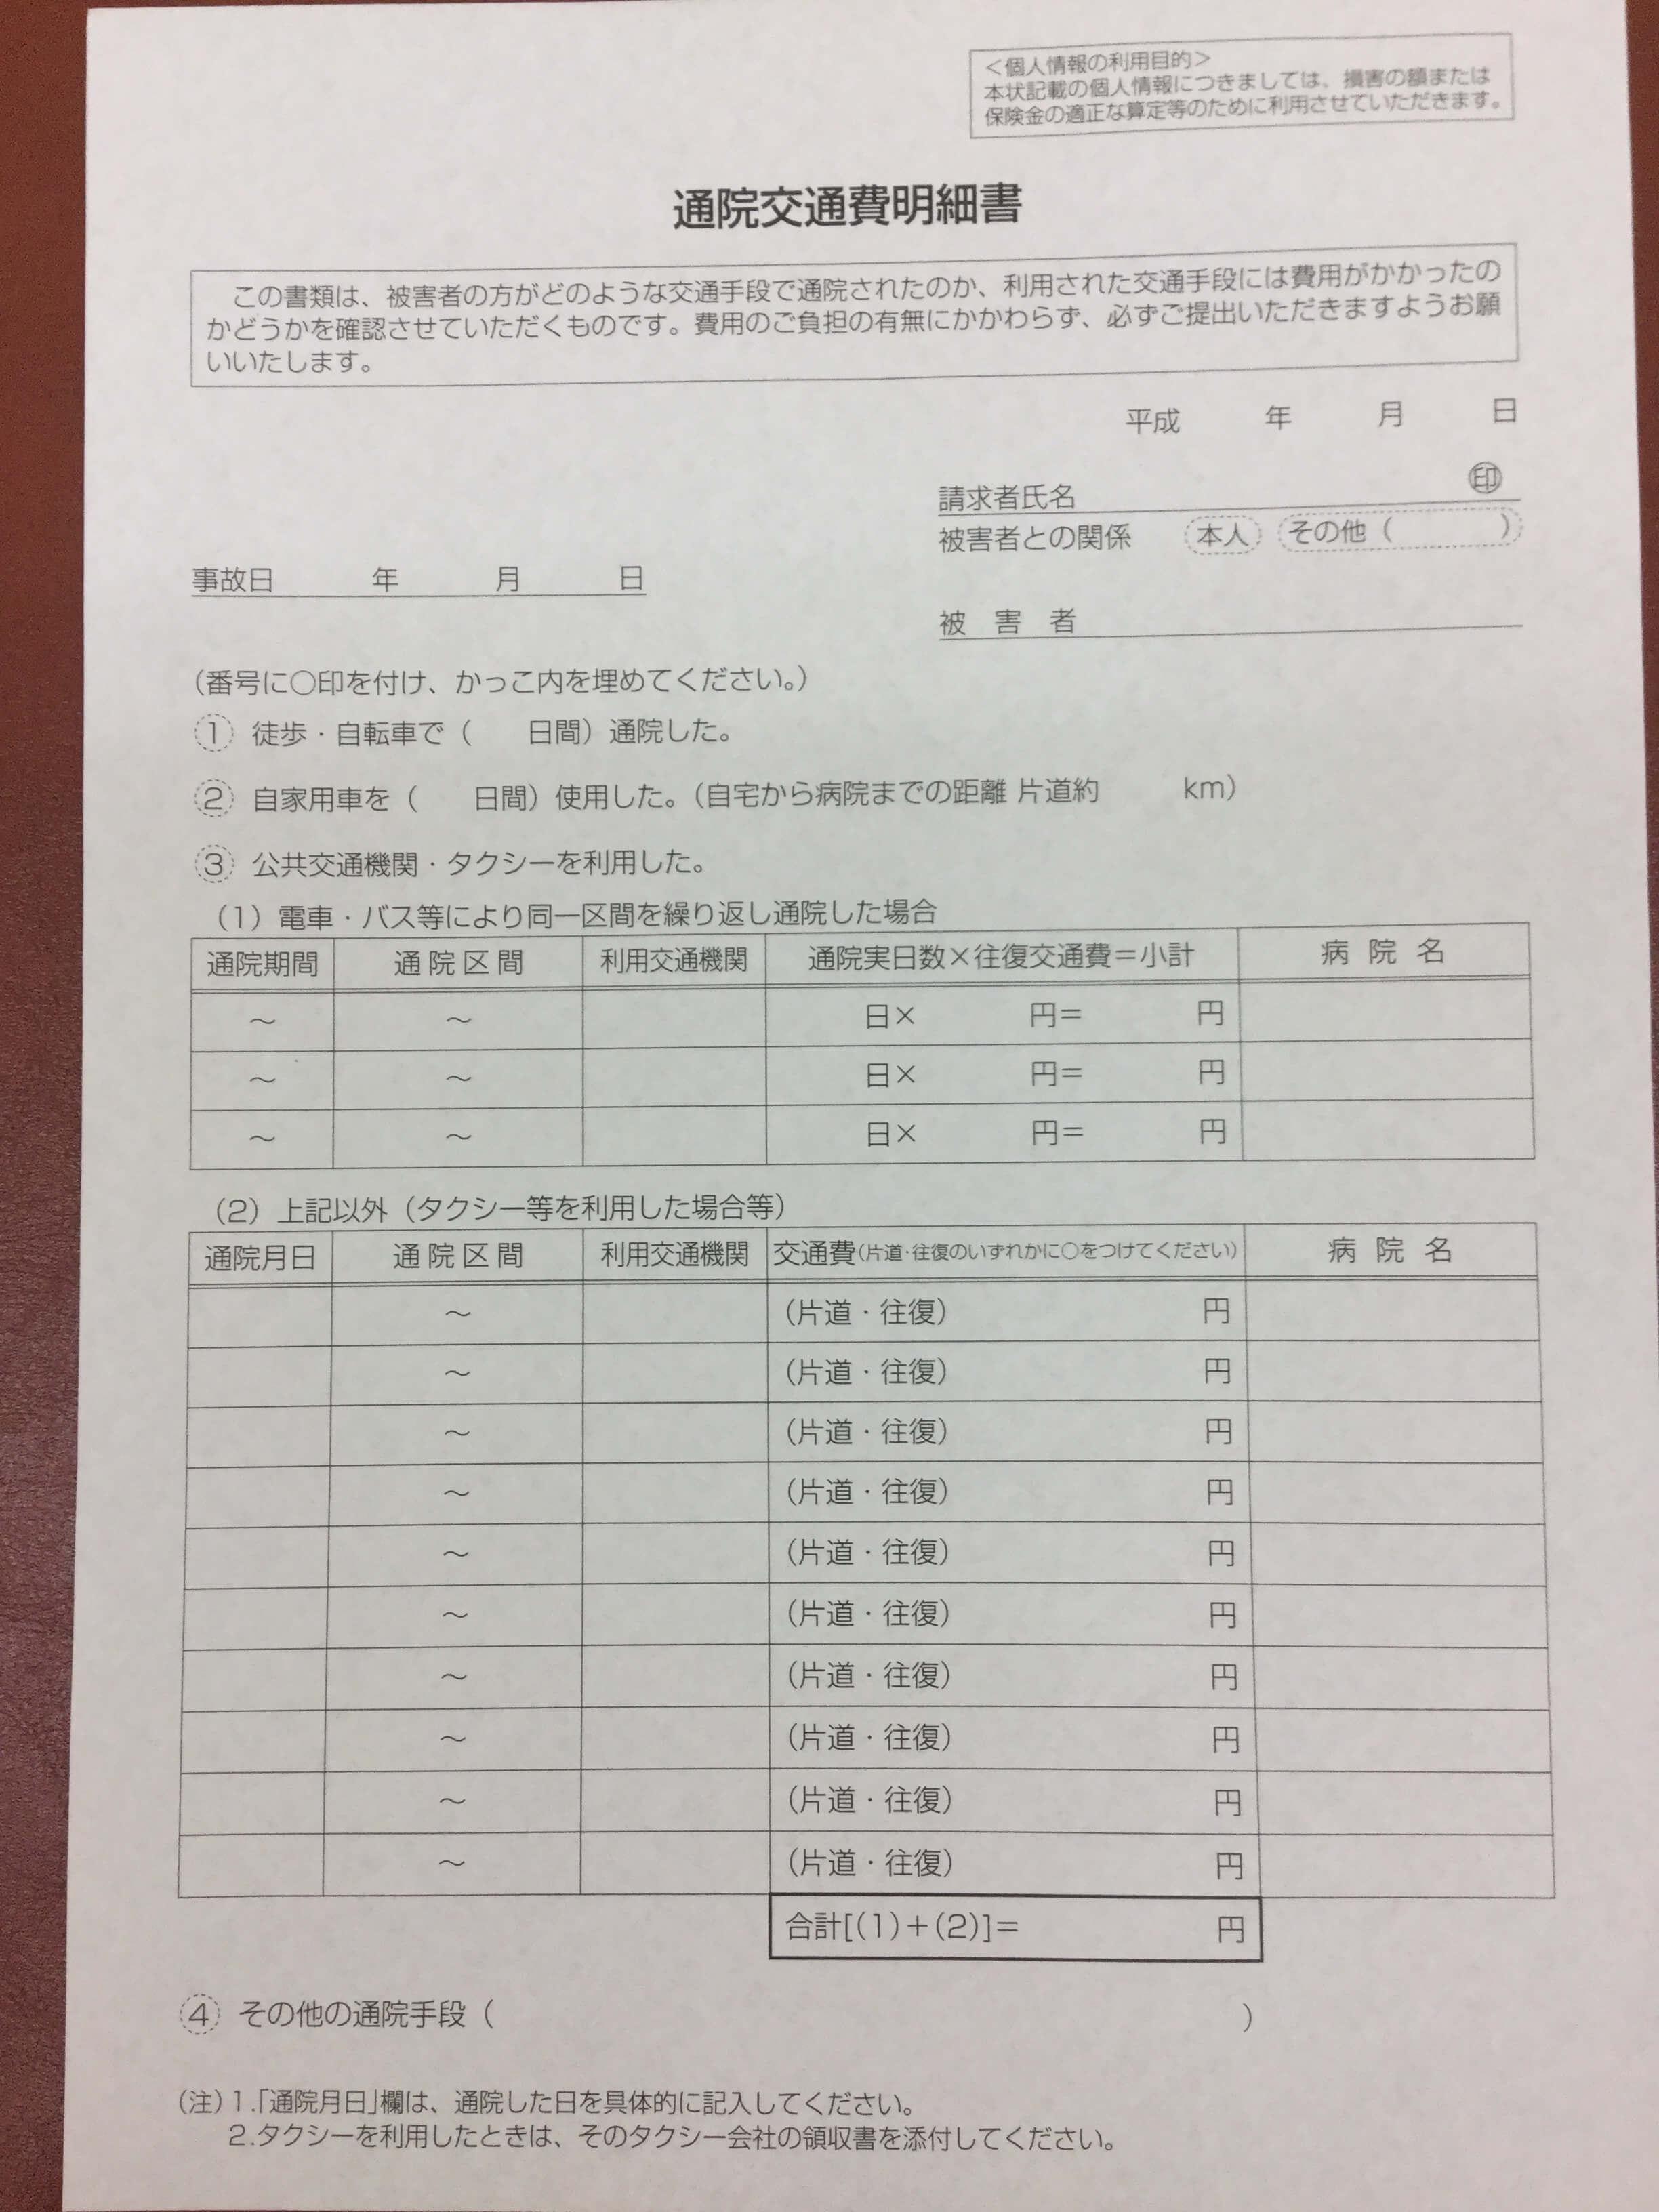 872E10FD-D863-4C65-9ABF-60F719D4B911